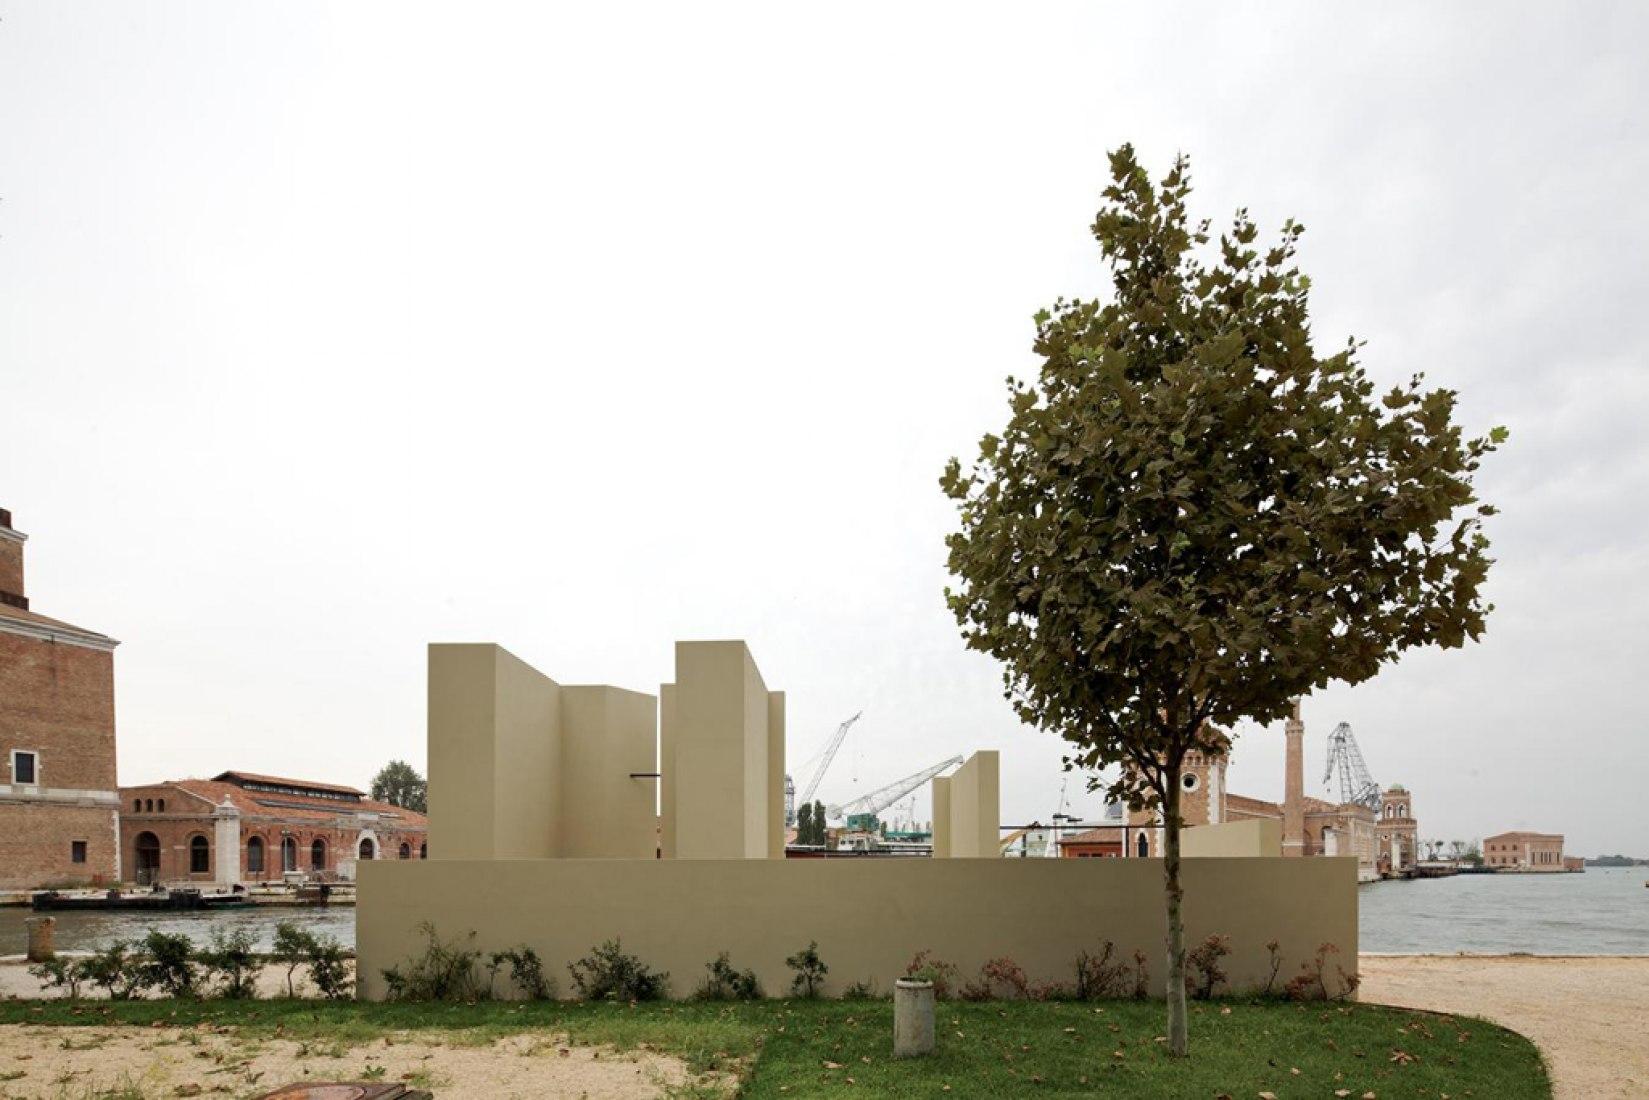 Contribución a la Bienal de Venecia, 2012.